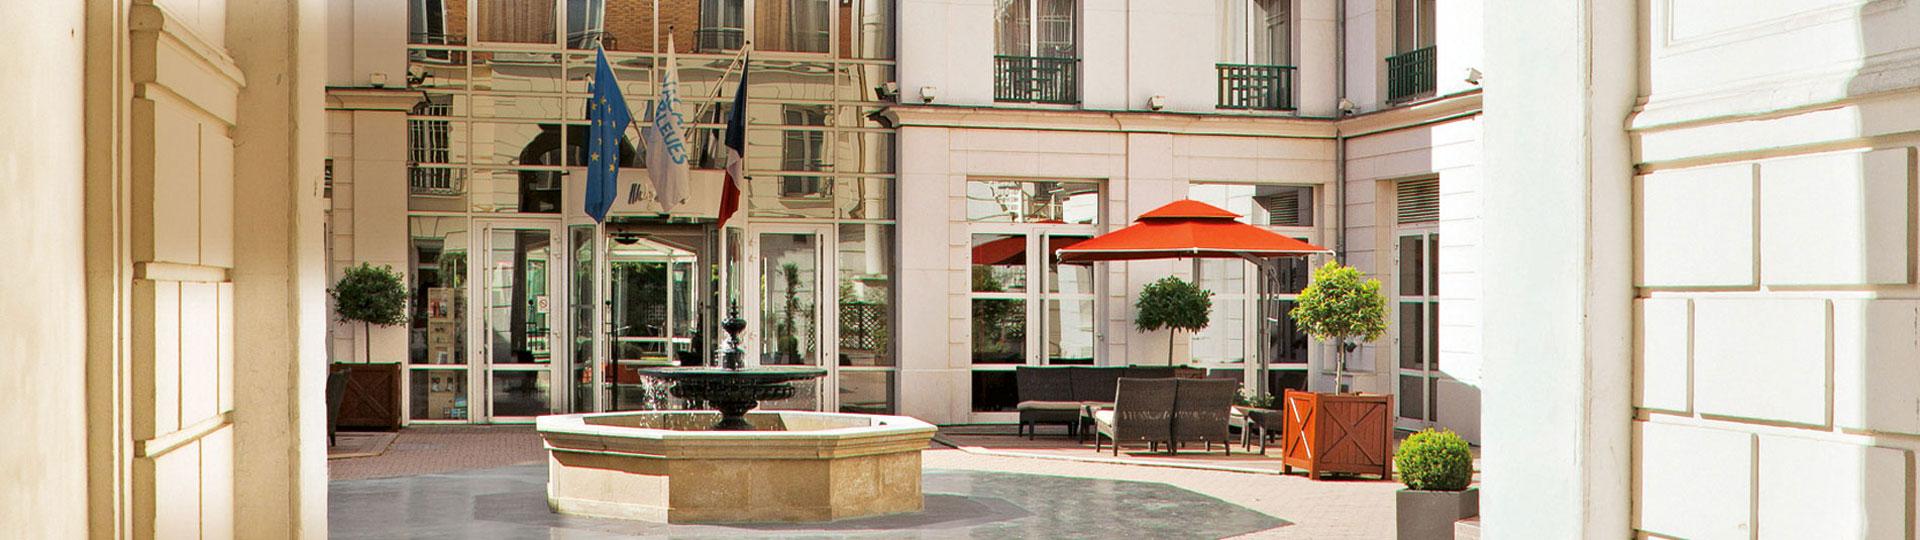 Hotel calme paris Montparnasse